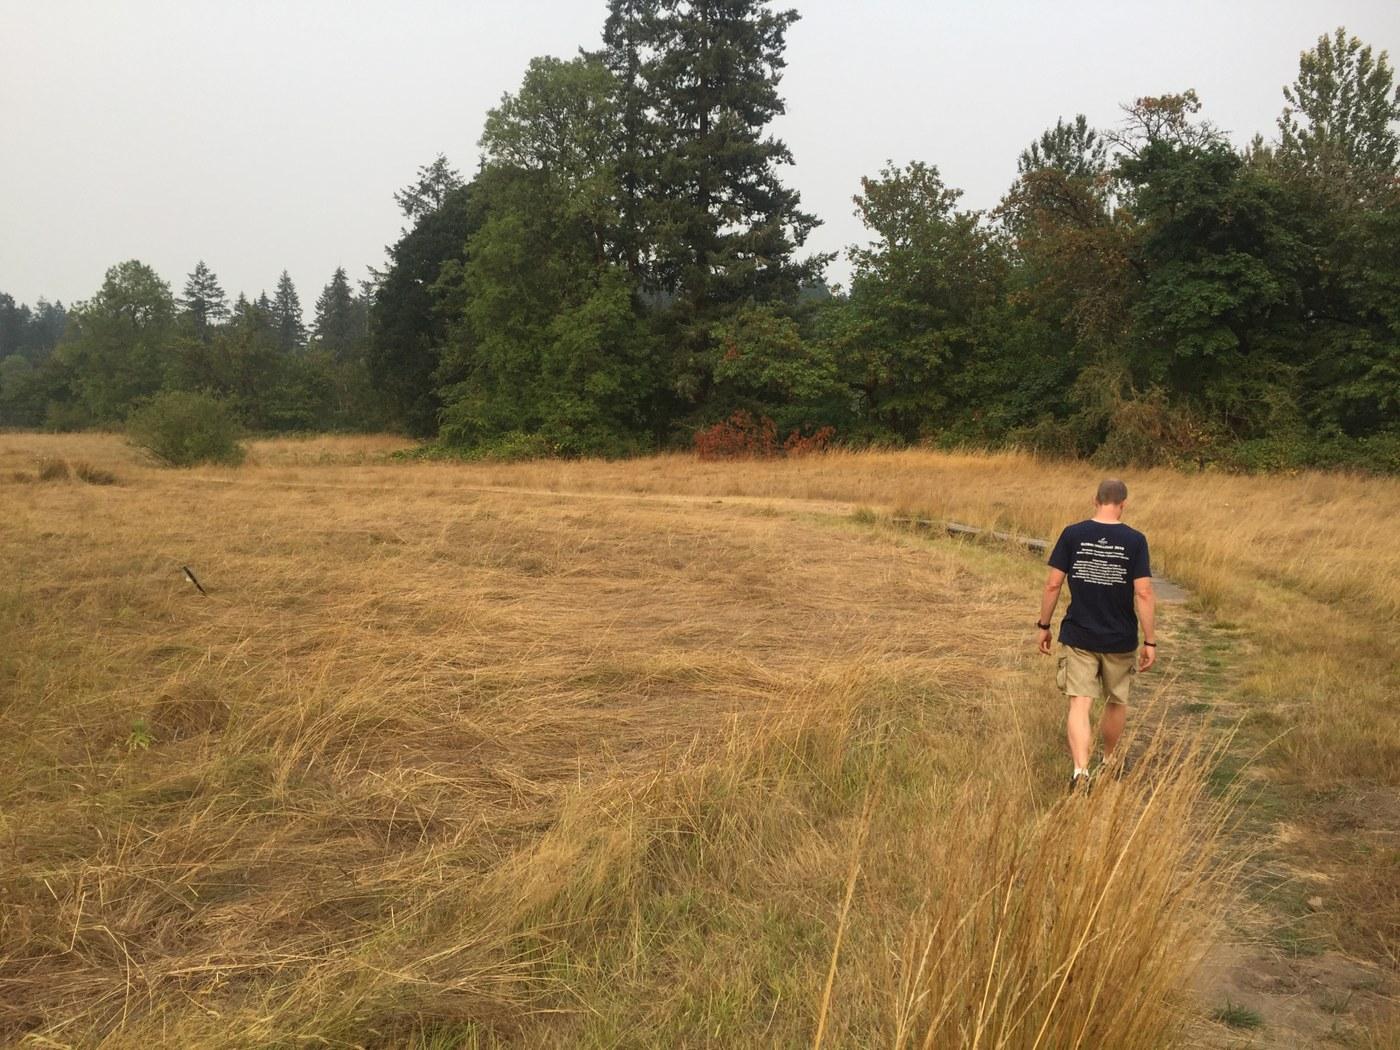 A person walks through a field of golden grass. Photo by BeaverDawg.